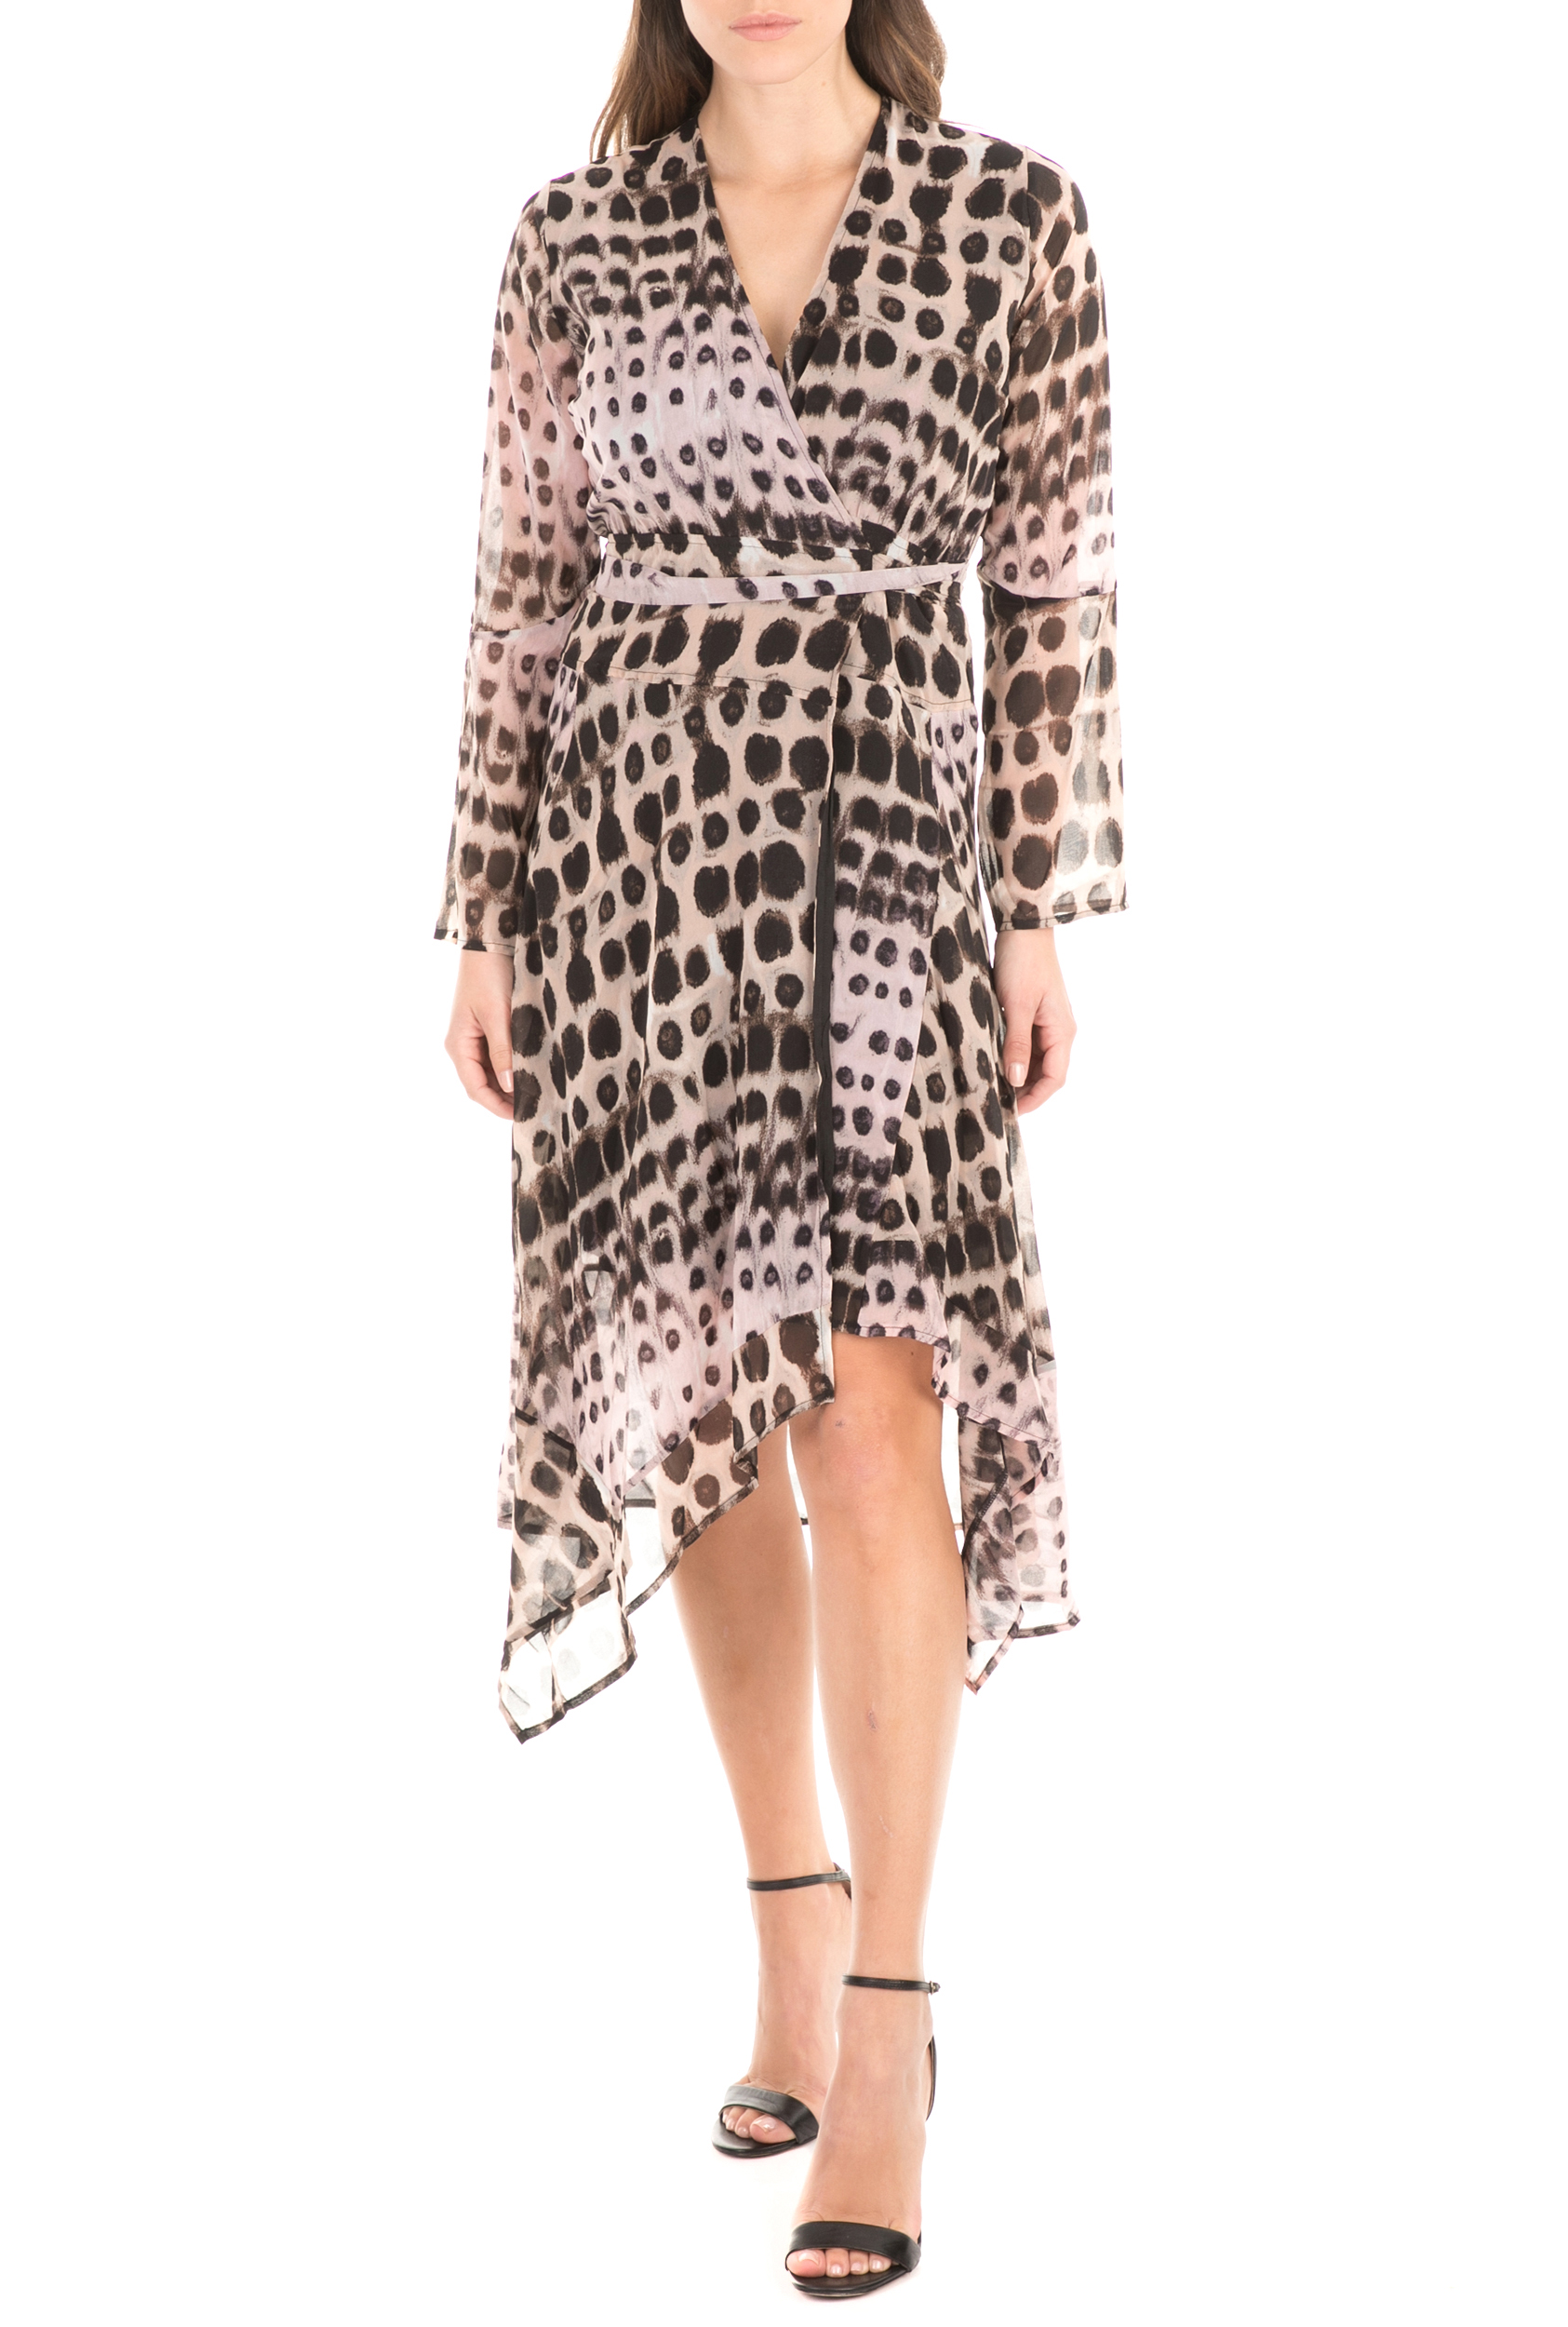 RELIGION - Γυναικείο φόρεμα RELIGION μπεζ μαύρο γυναικεία ρούχα φόρεματα μίνι